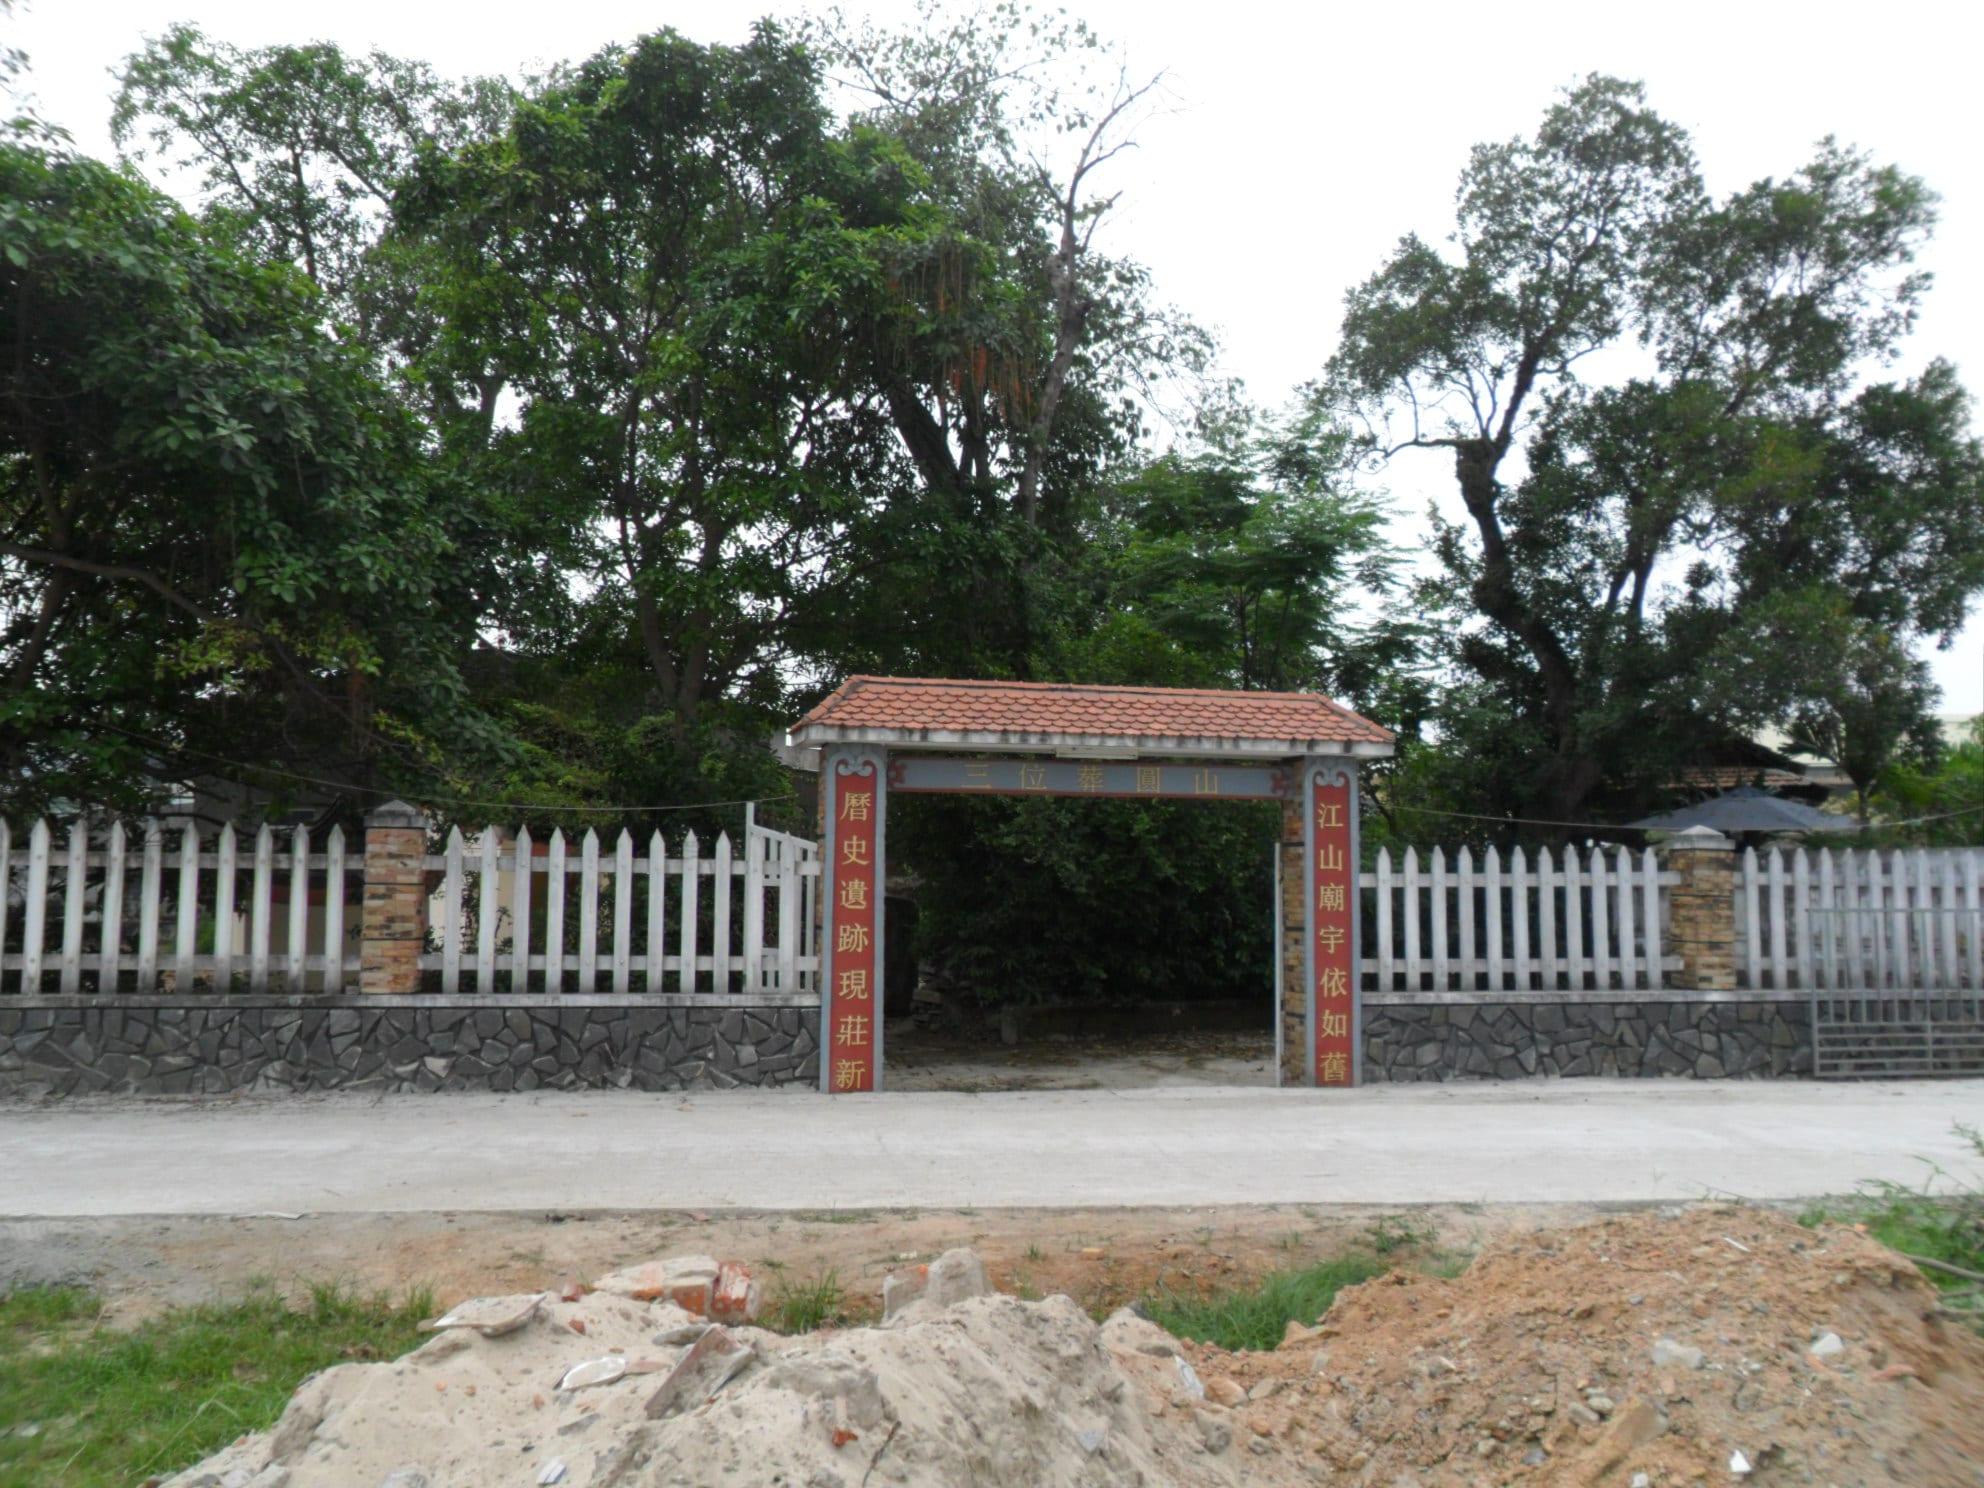 thờ tam vị Uy Minh làm thần Thành Hoàng chỉ xuất hiện rải rác ở một số làng xã, như Nam Thọ (quận Sơn Trà), Phú Hòa (huyện Hòa Vang) và Hóa Khuê Đông (quận Ngũ Hành Sơn)